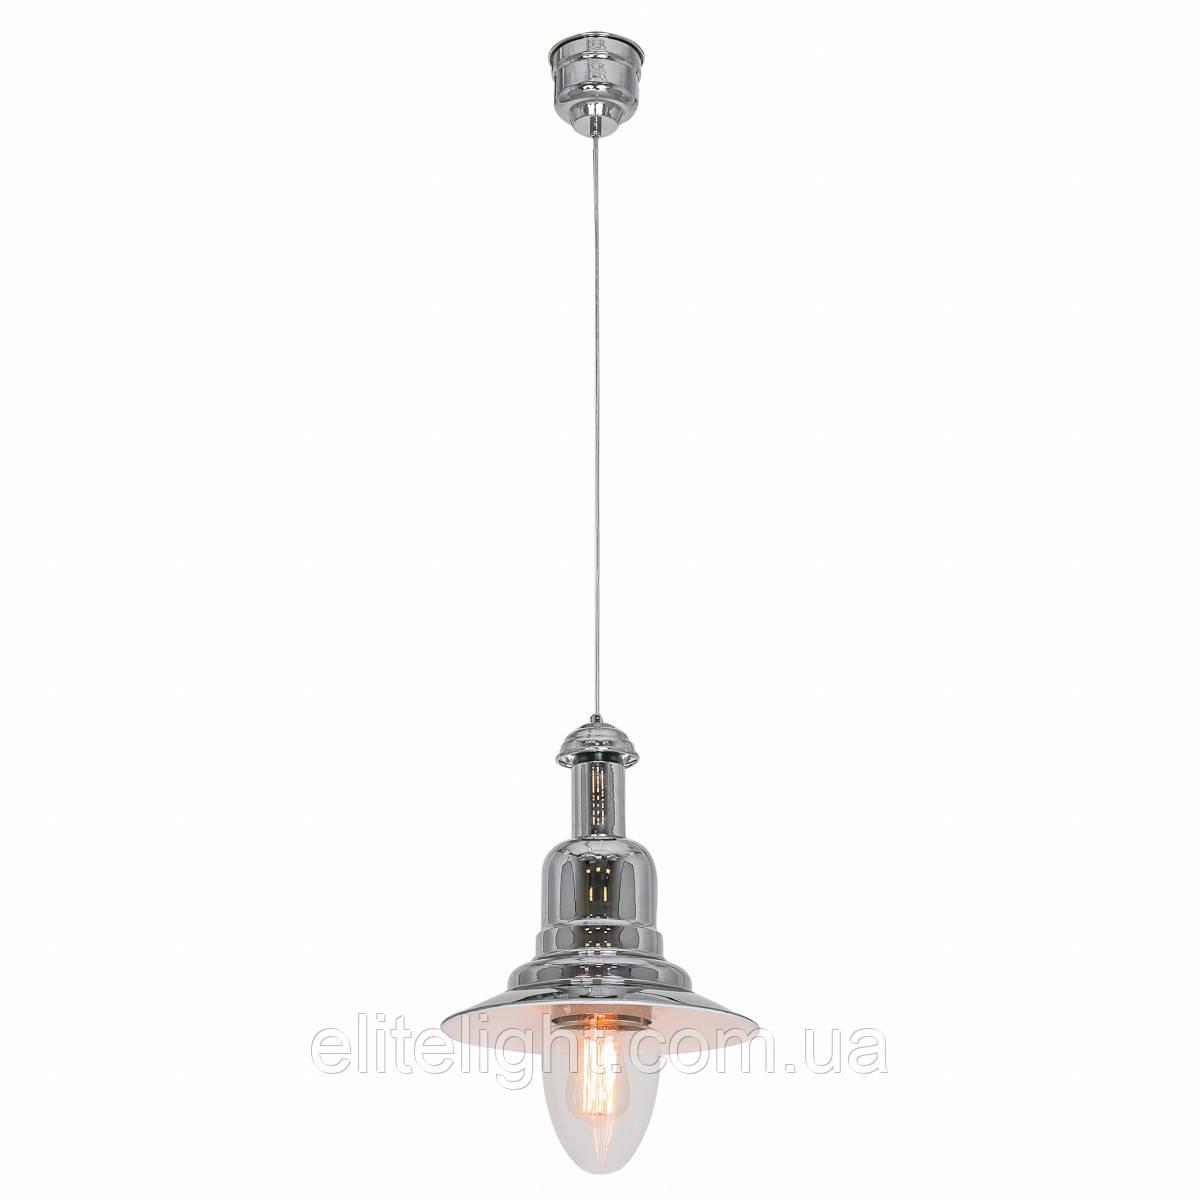 Подвесной светильник Italux BROOK MA05104C-001-01